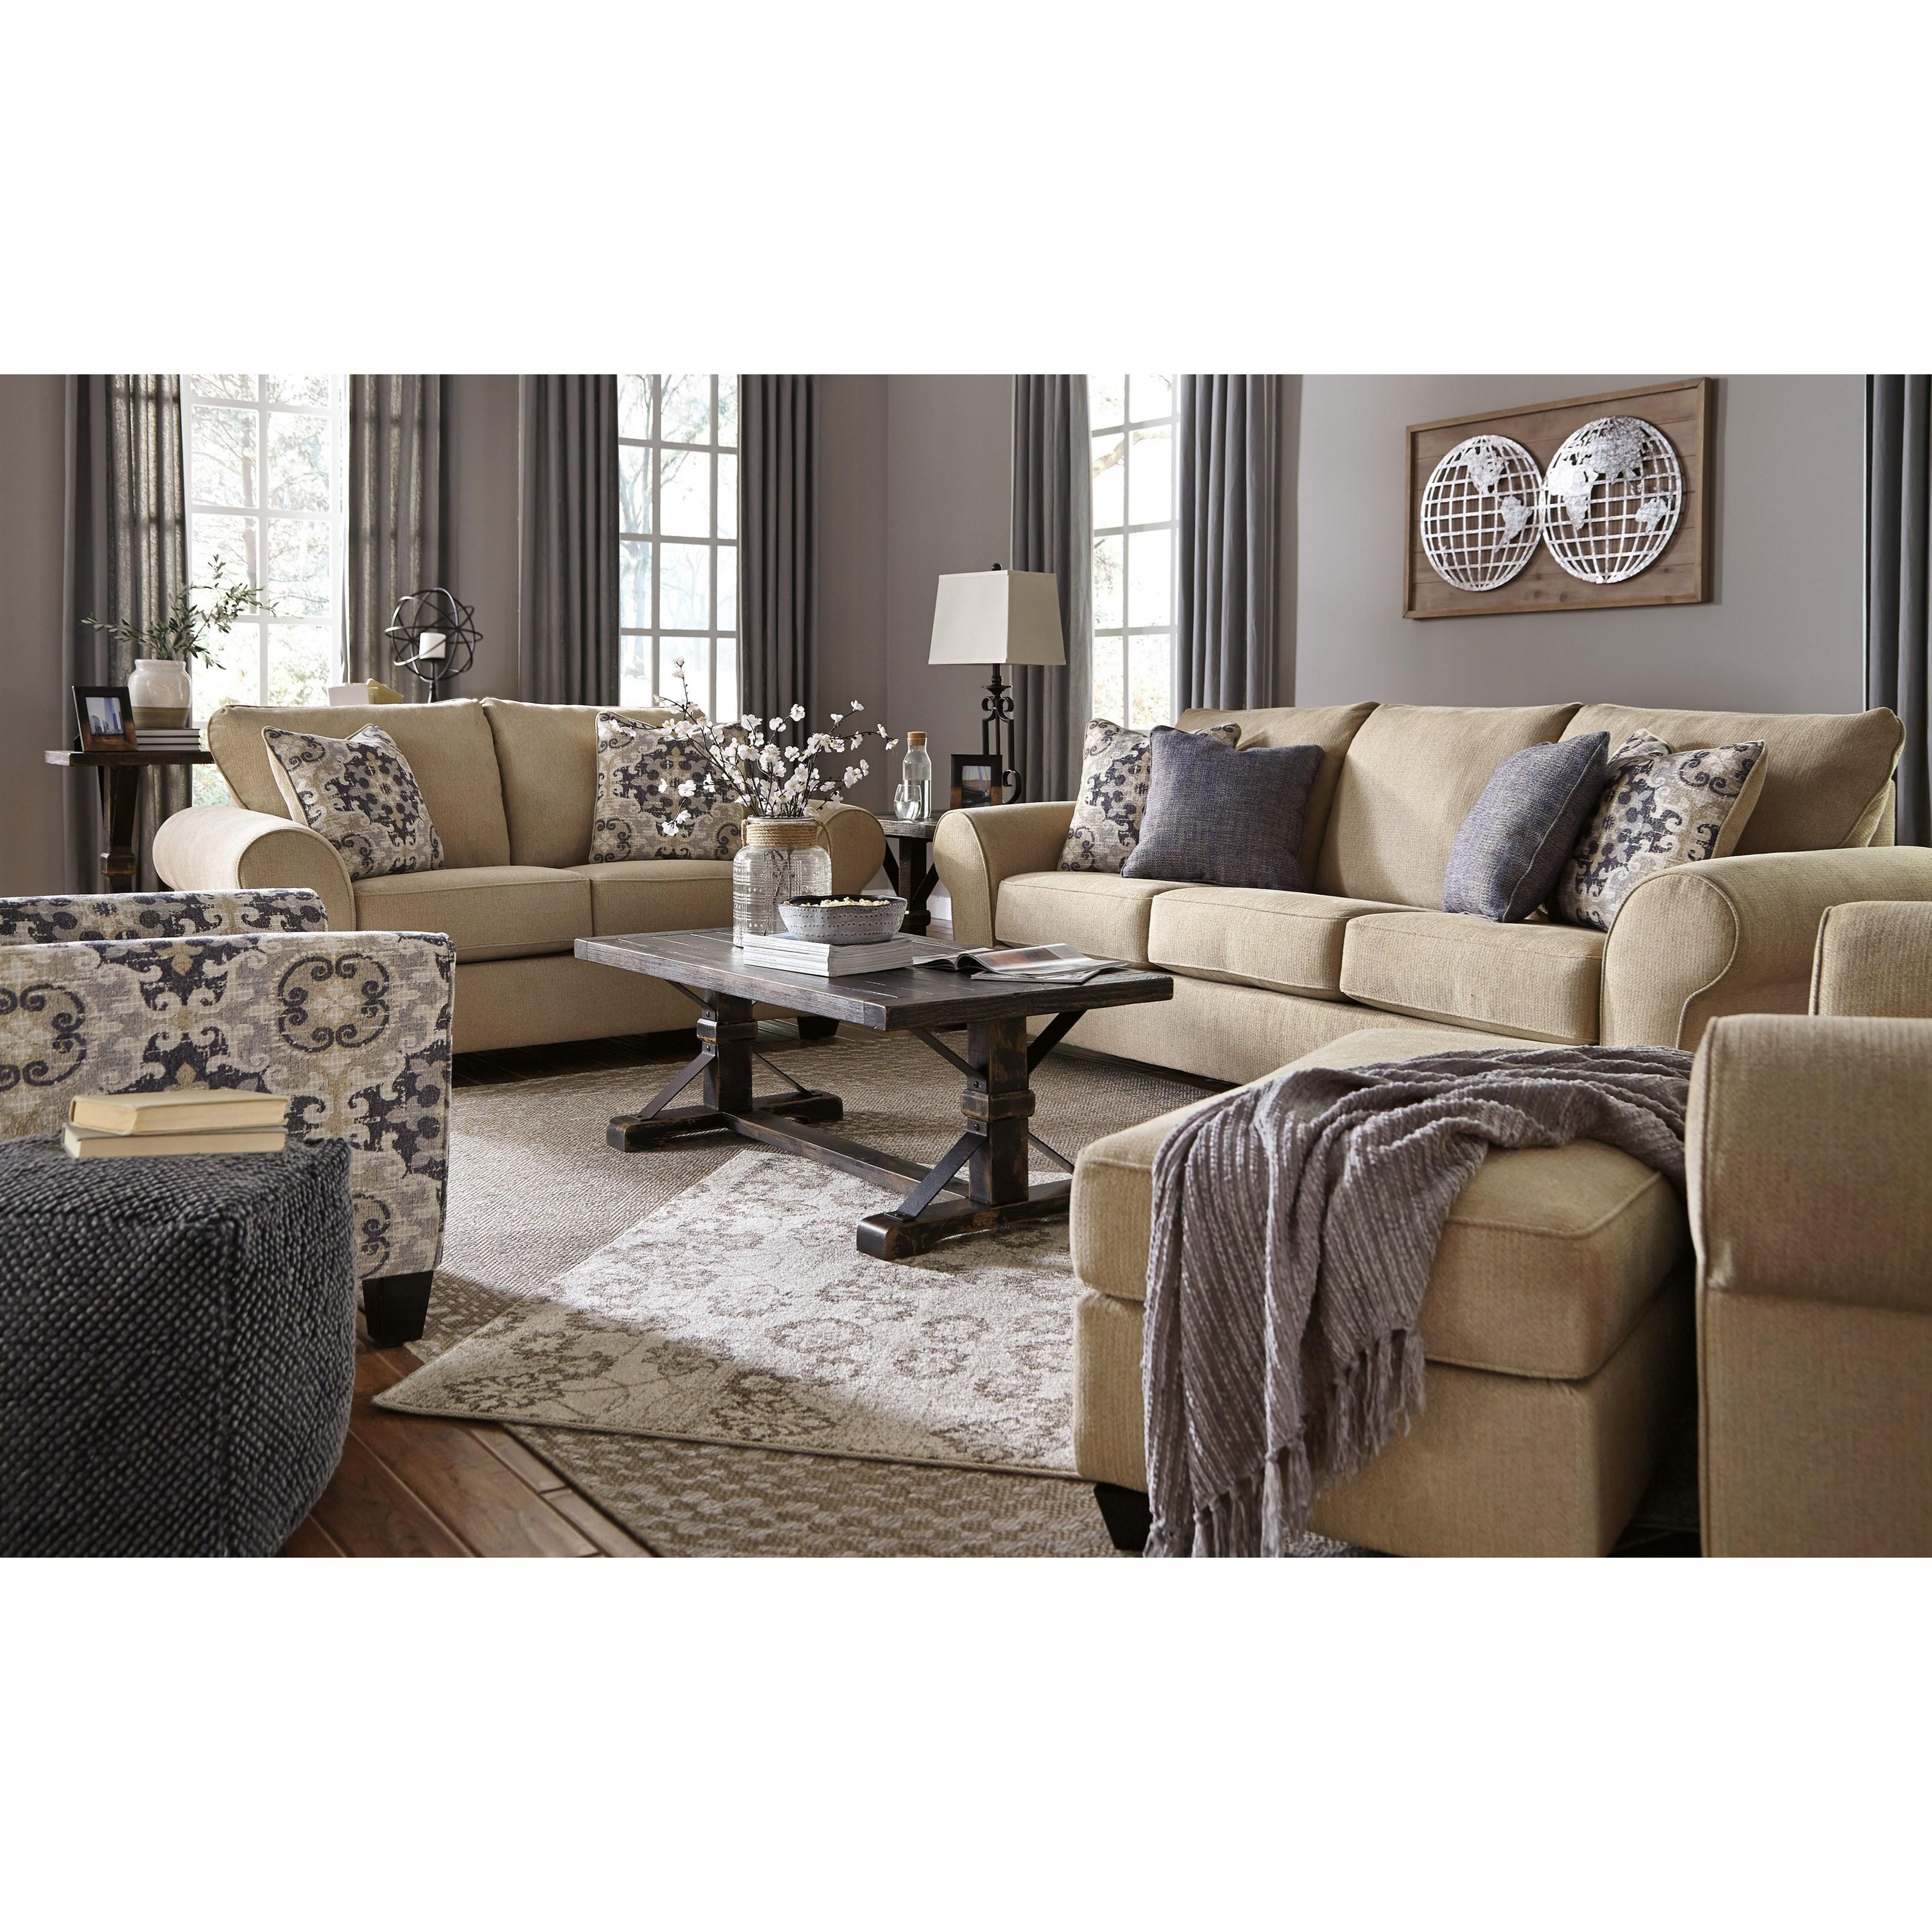 Ashley signature design denitasse stationary living room for Furniture group